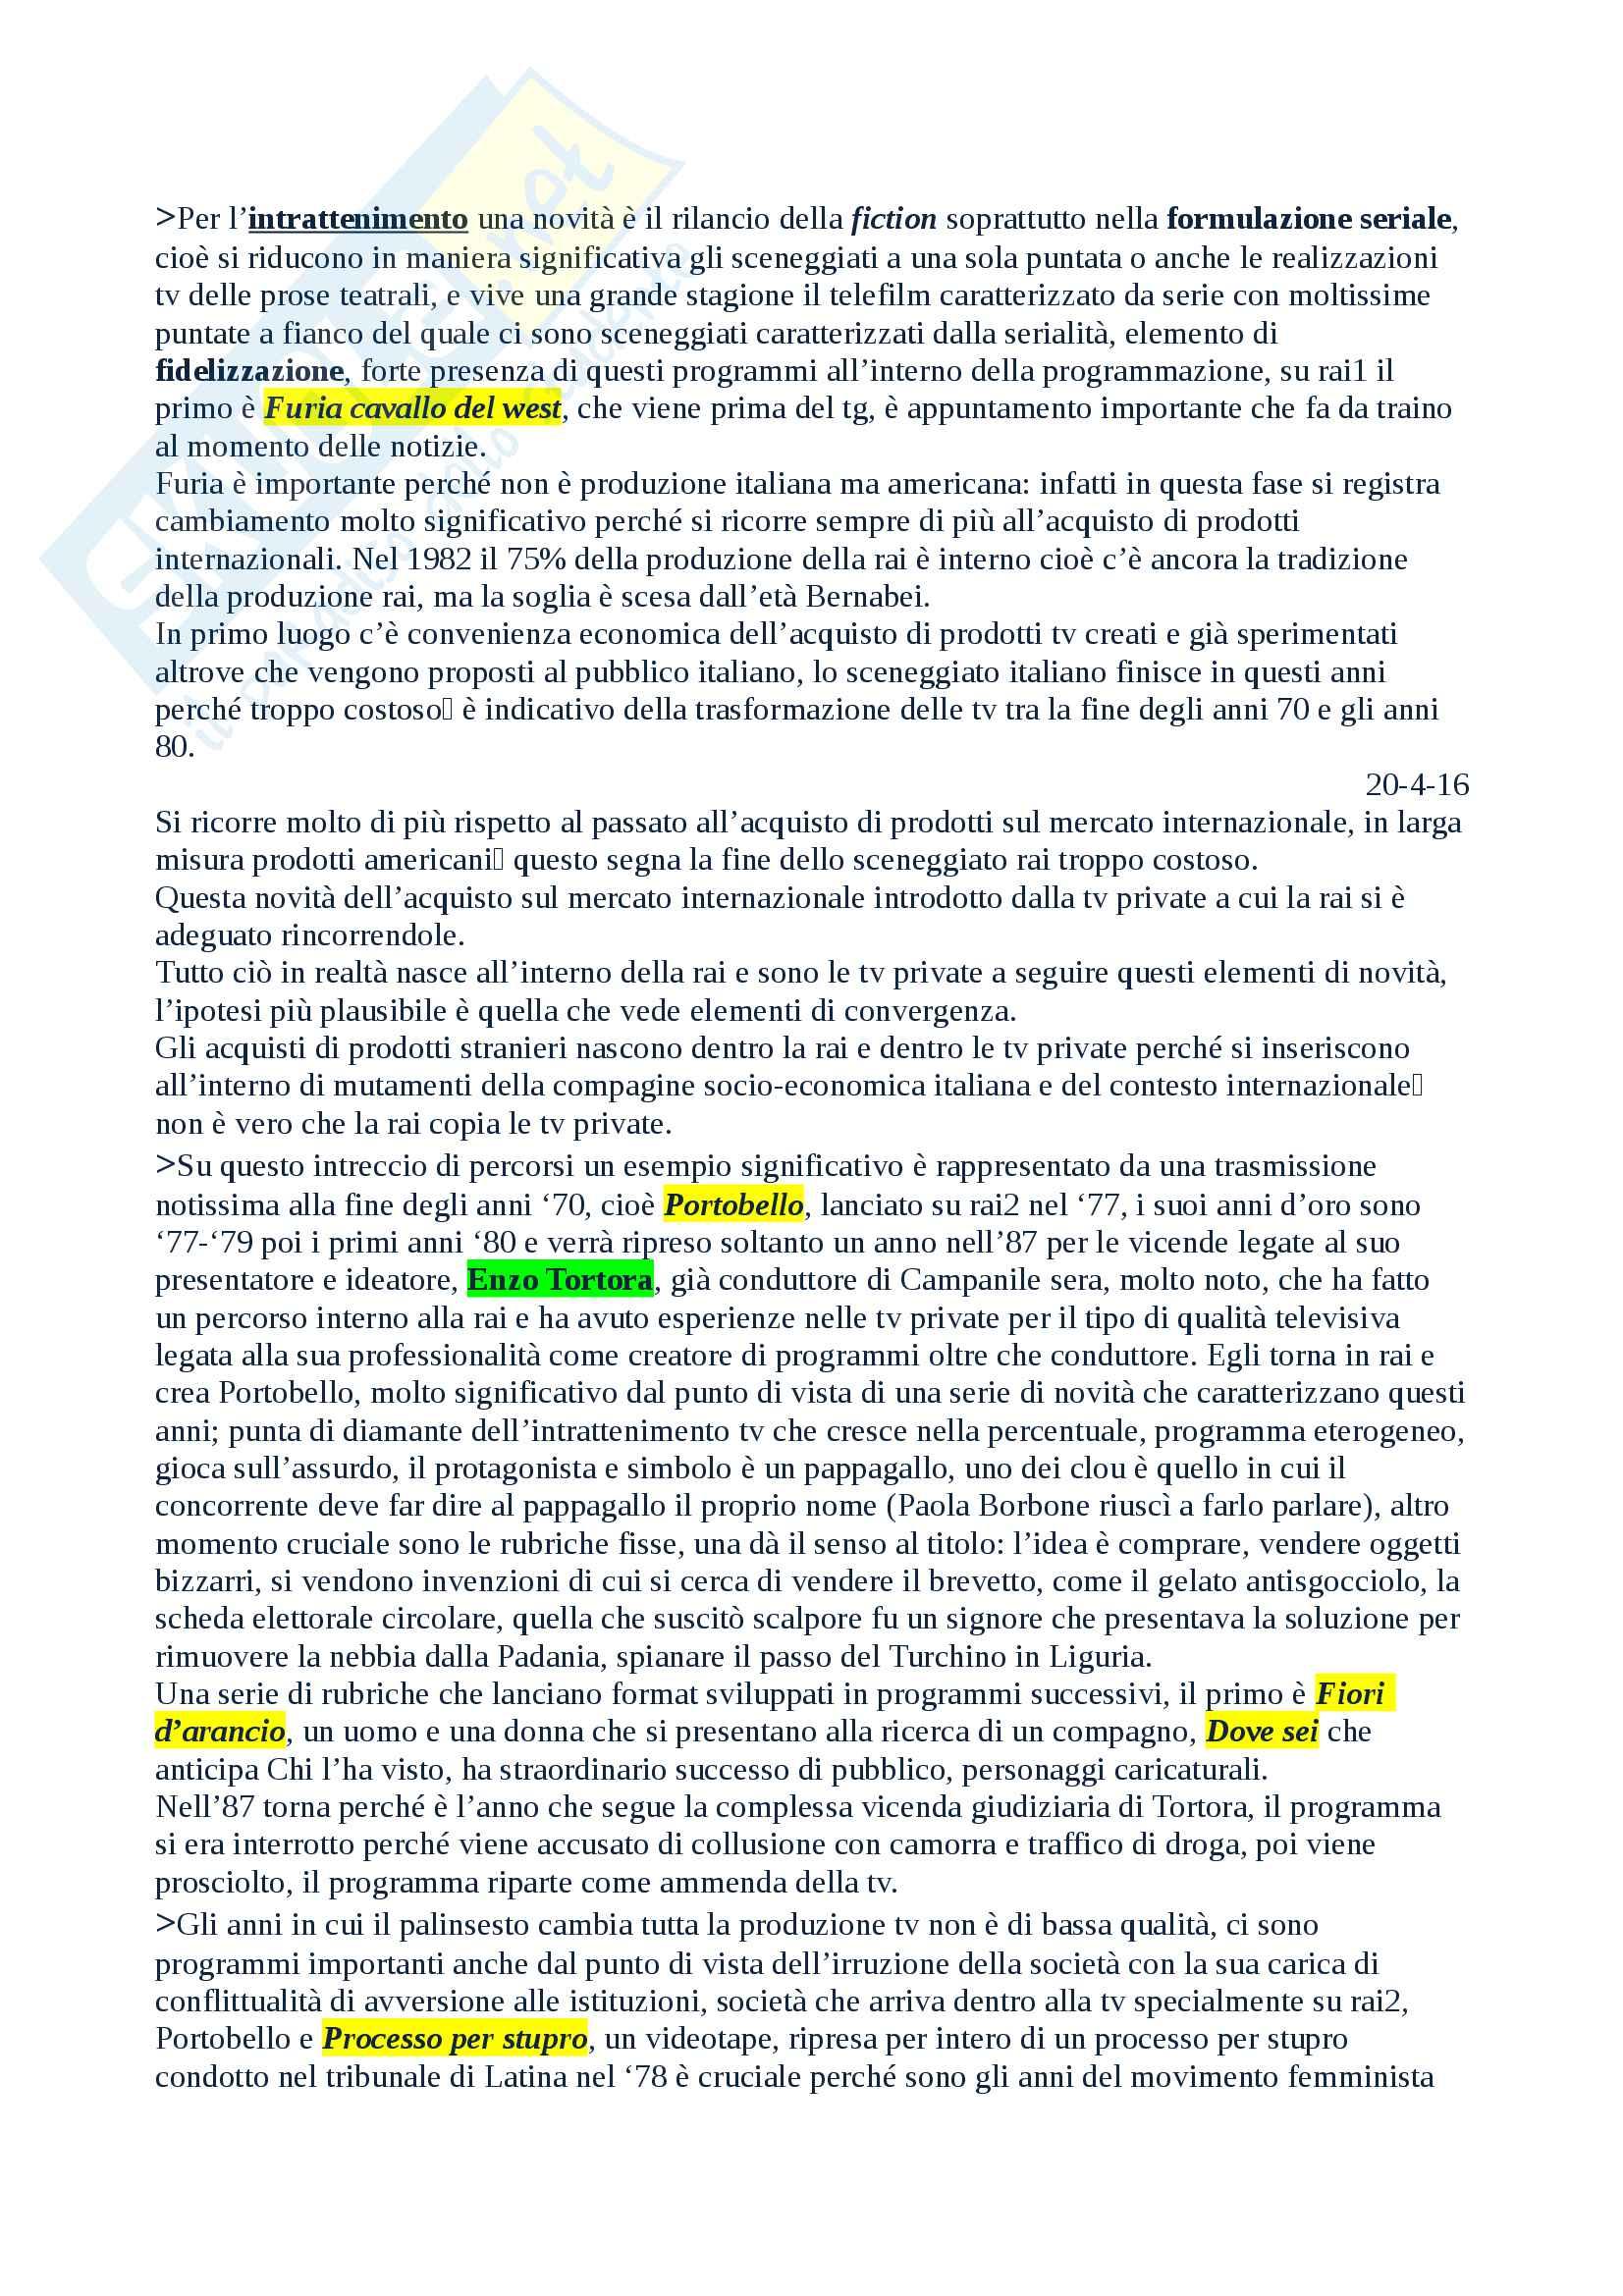 Salvatici Storia della radio e della televisione Pag. 51